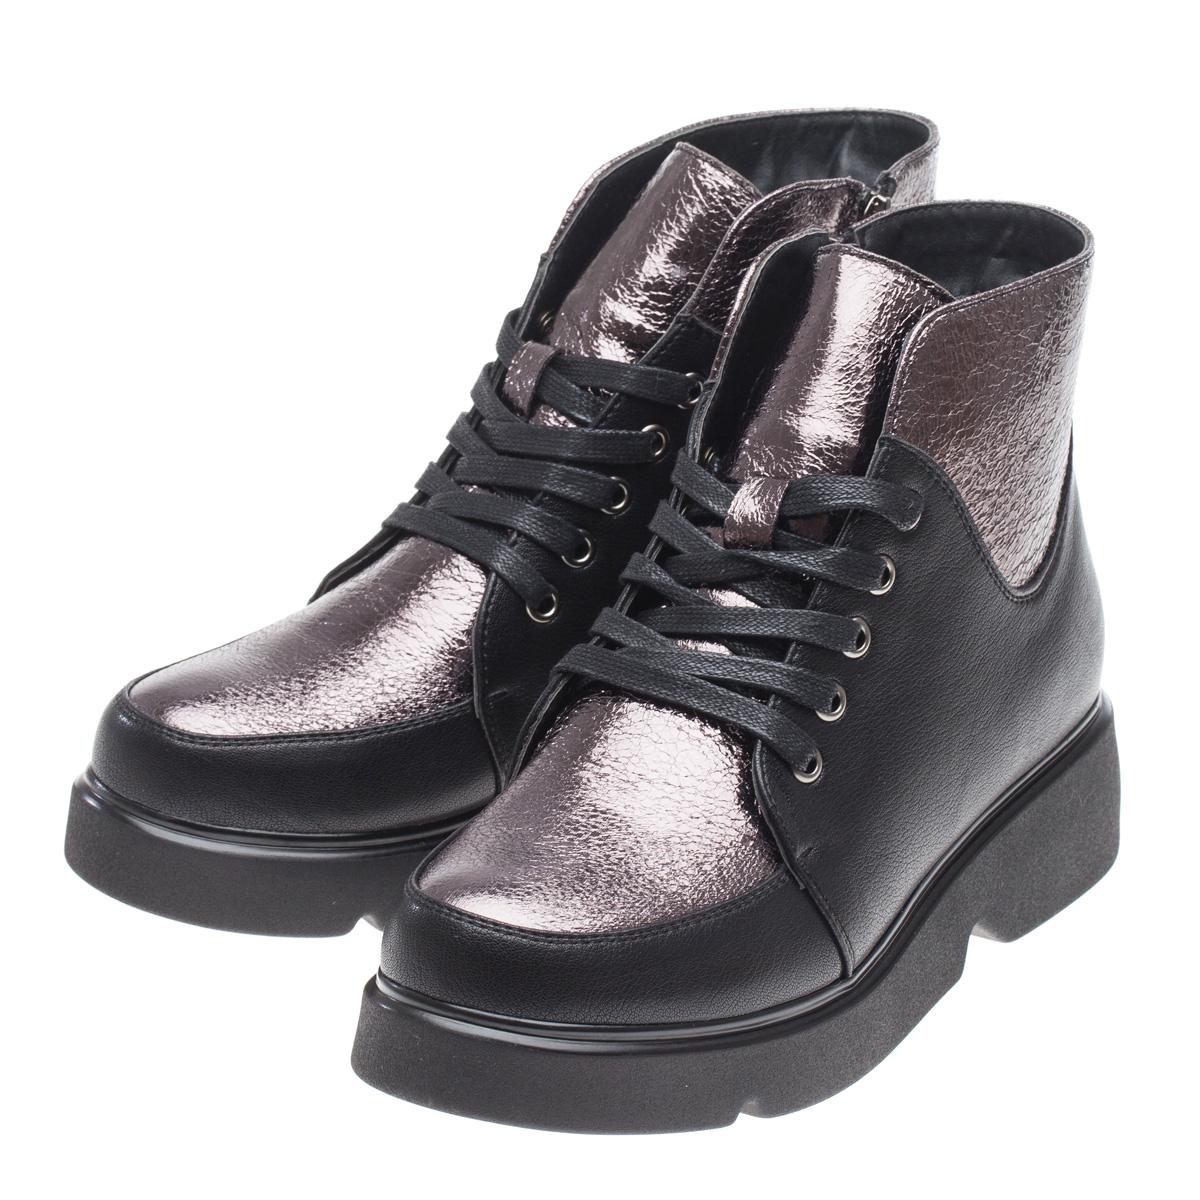 Ботинки демисезонные FERTO, D19-7225